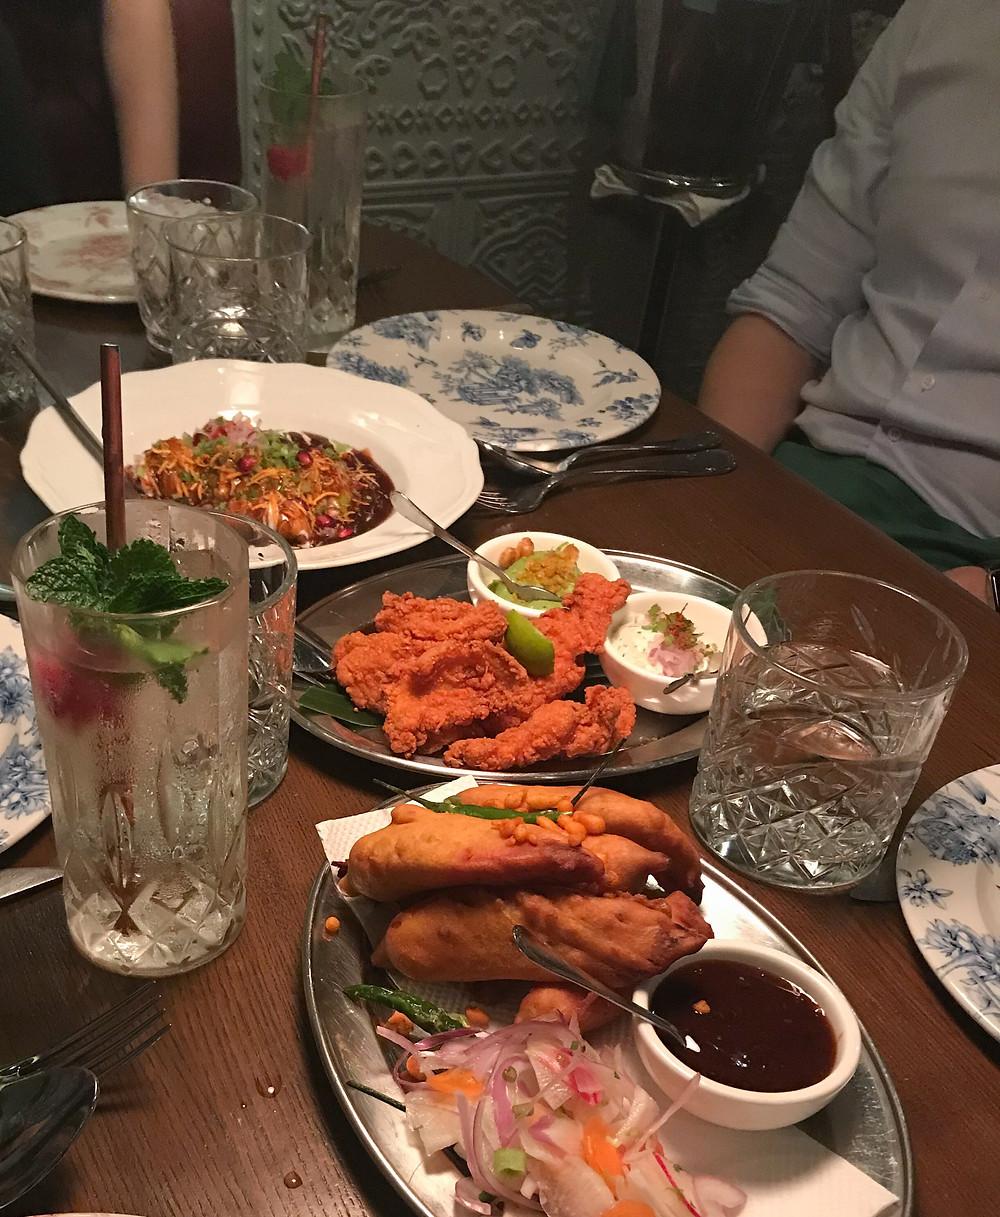 Food at New Punjab Club restaurant in Hong Kong